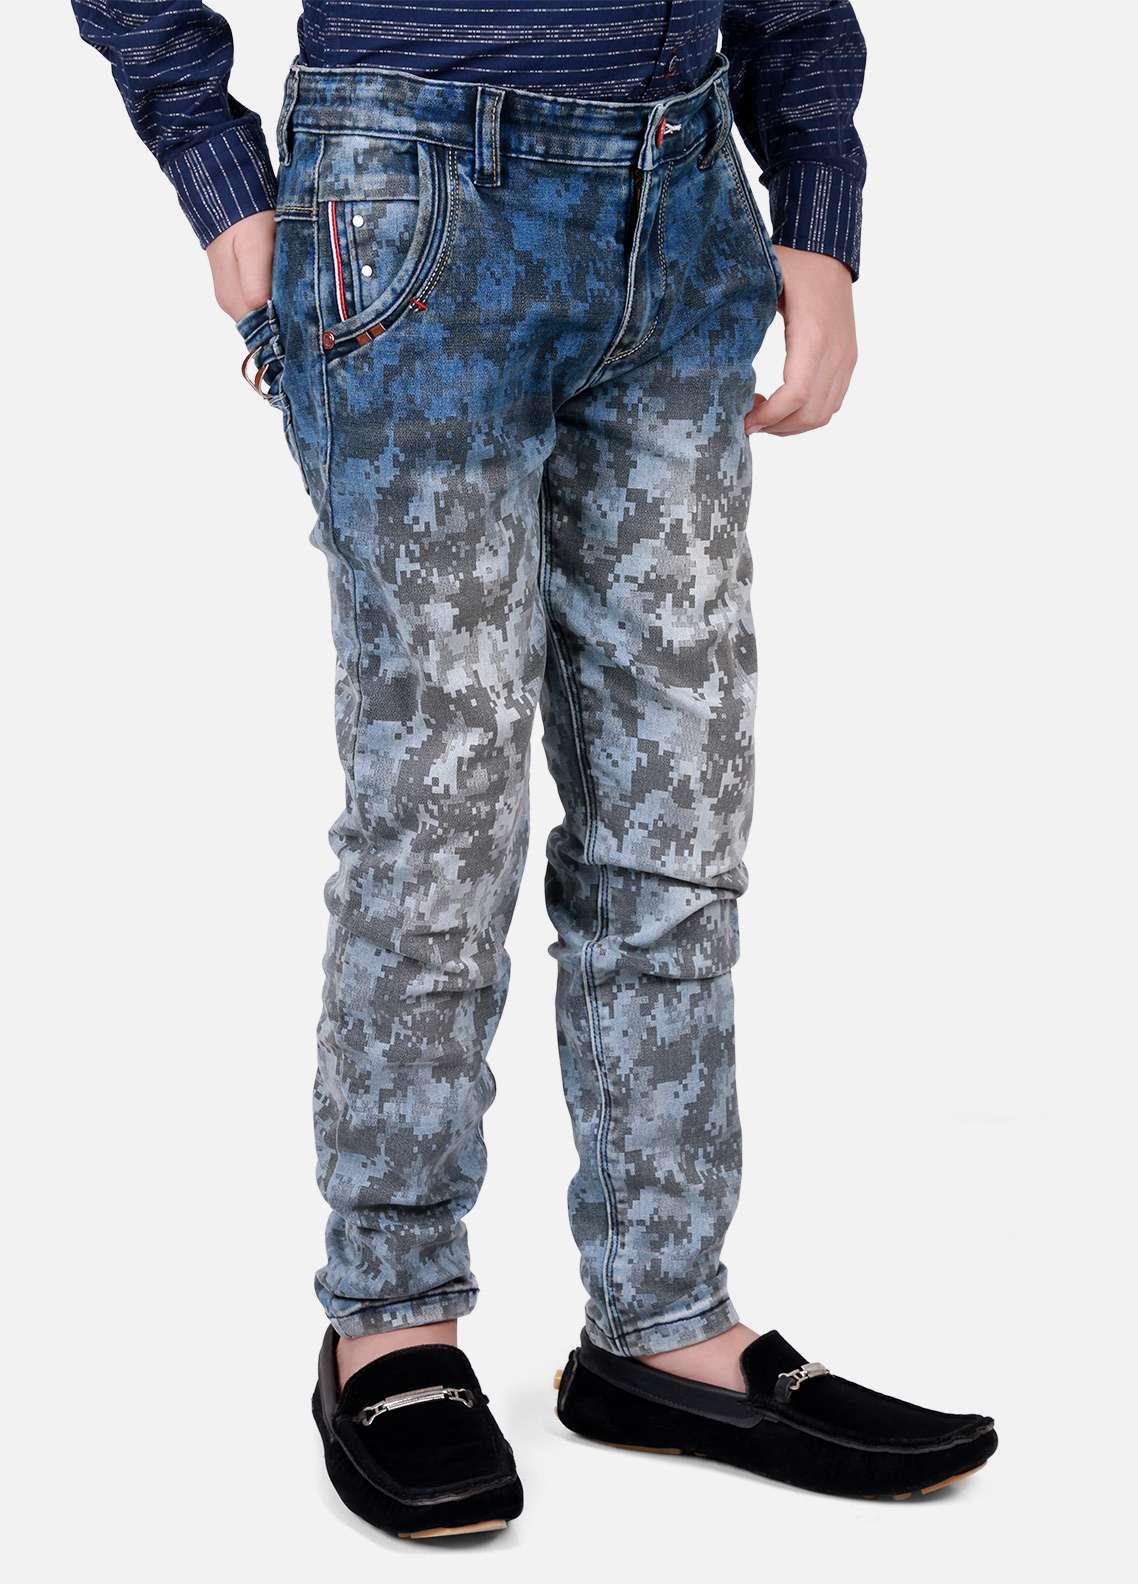 Edenrobe Jeans Faded Pants for Boys - Blue EDK18P 5709